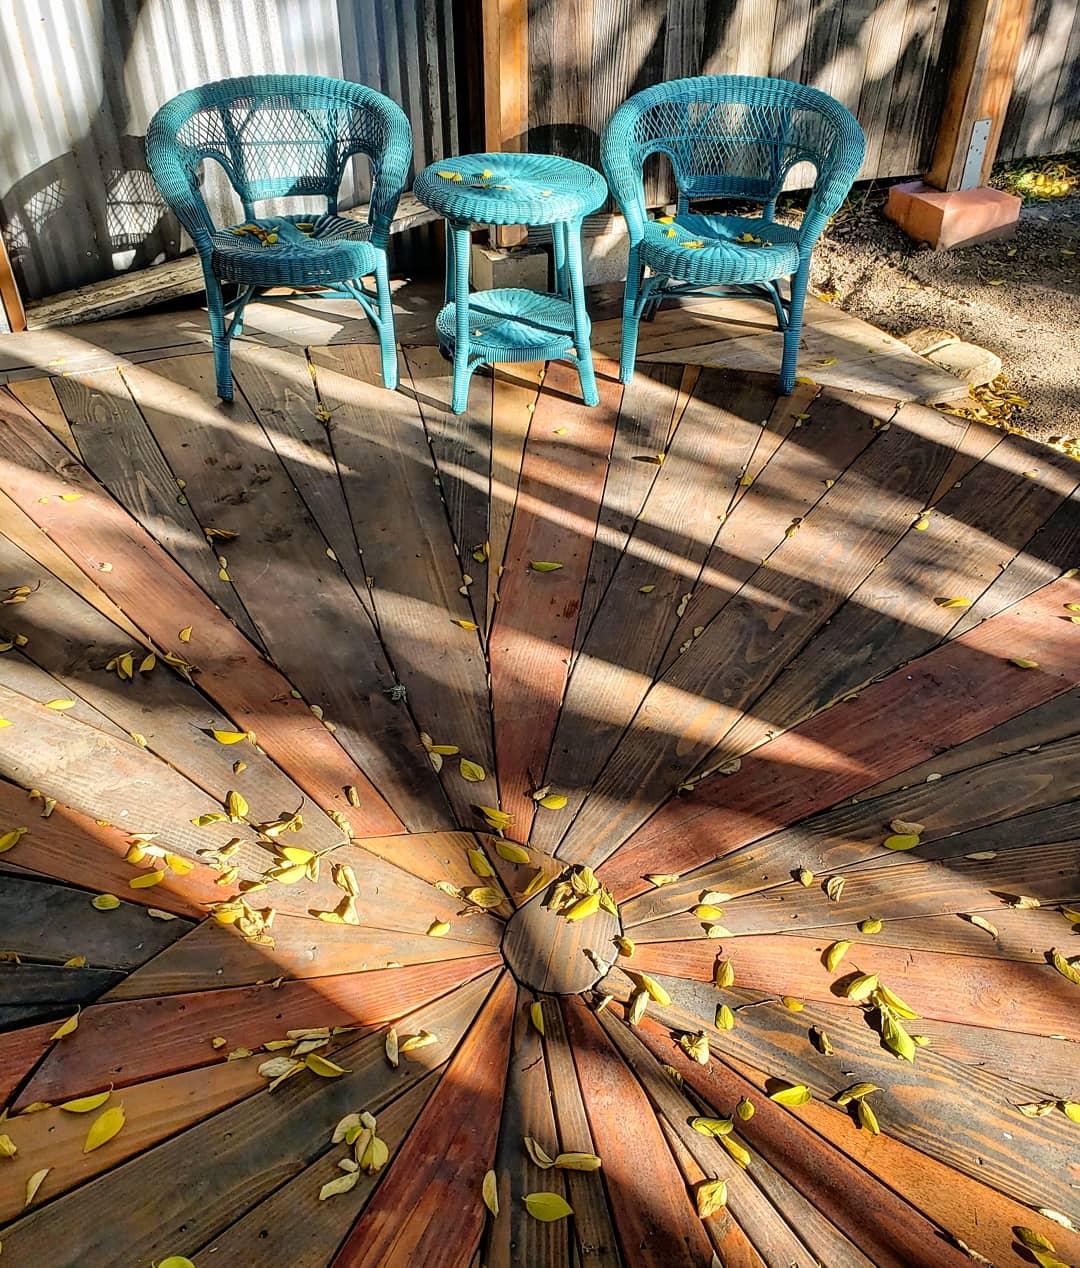 Los-alamos-hipcamp-floor